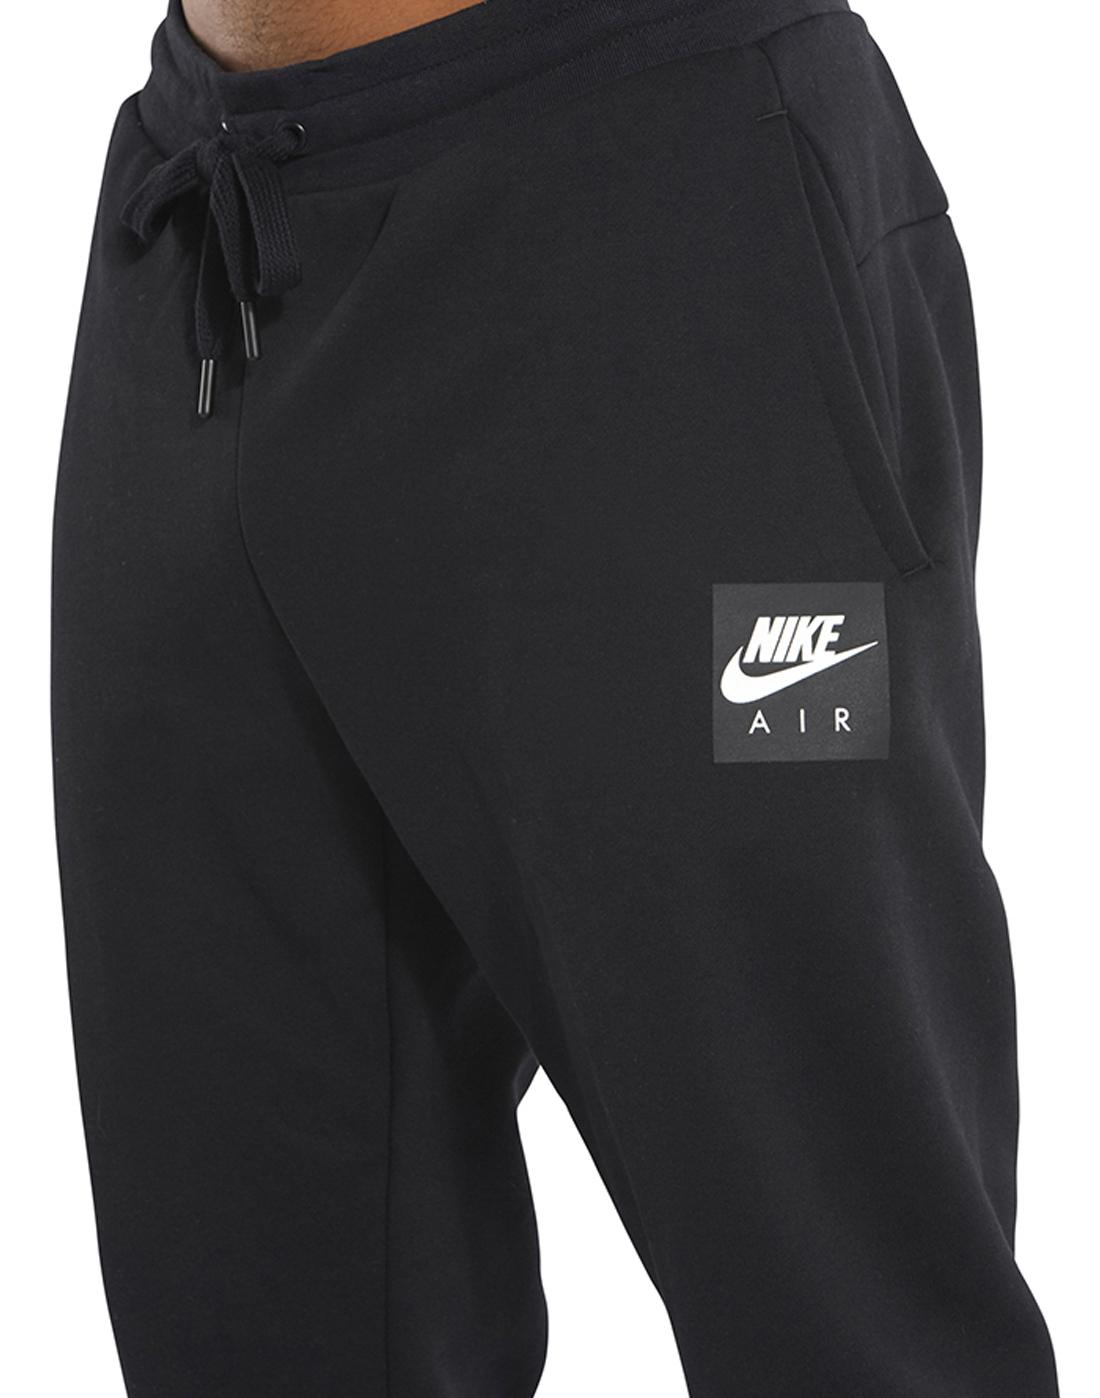 d4696b393d9 Men's Black Nike Air Joggers | Life Style Sports